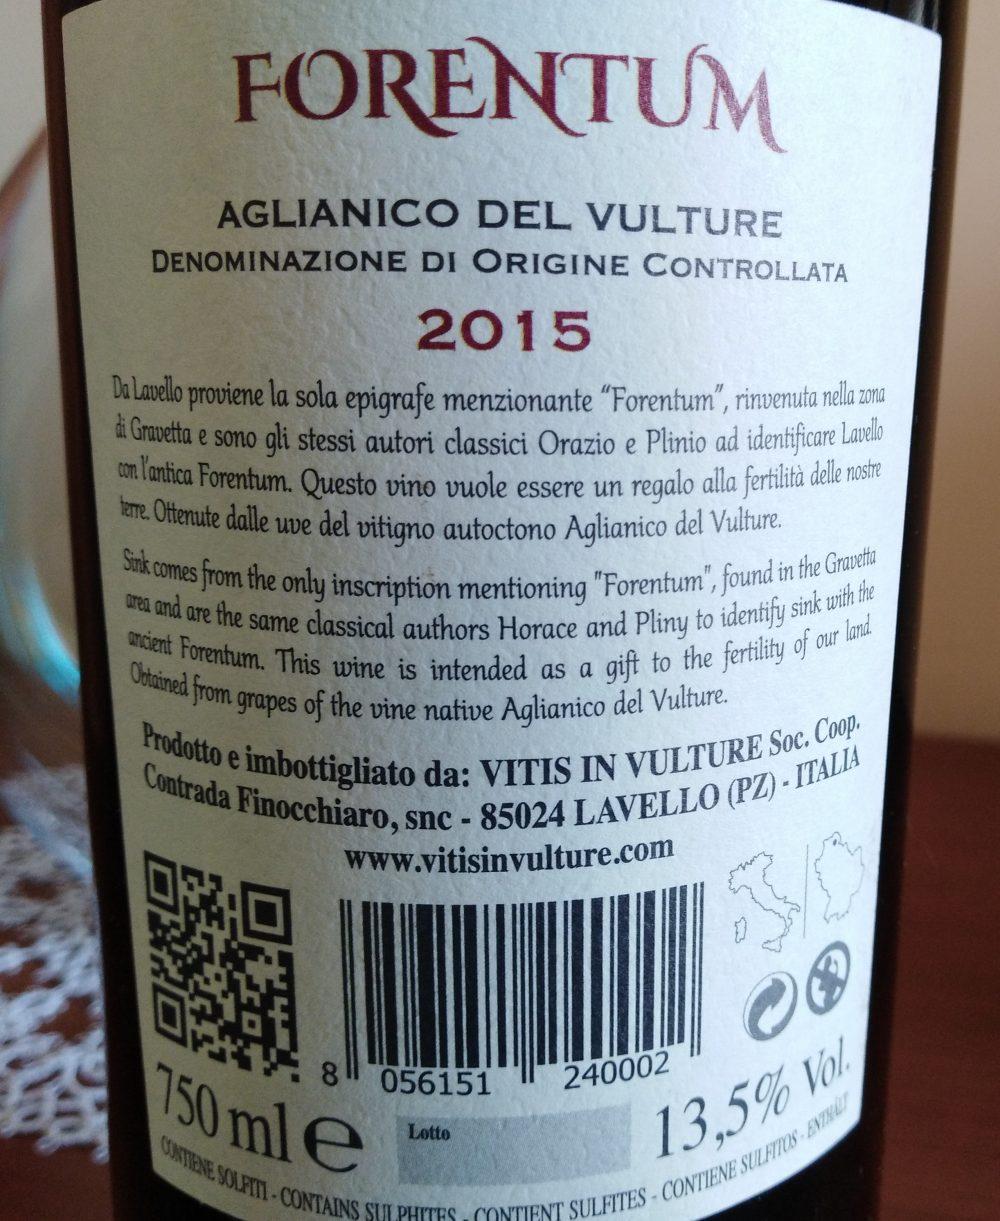 Controetichetta Forentum Aglianico del Vulture Doc 2015 Vitis in Vulture